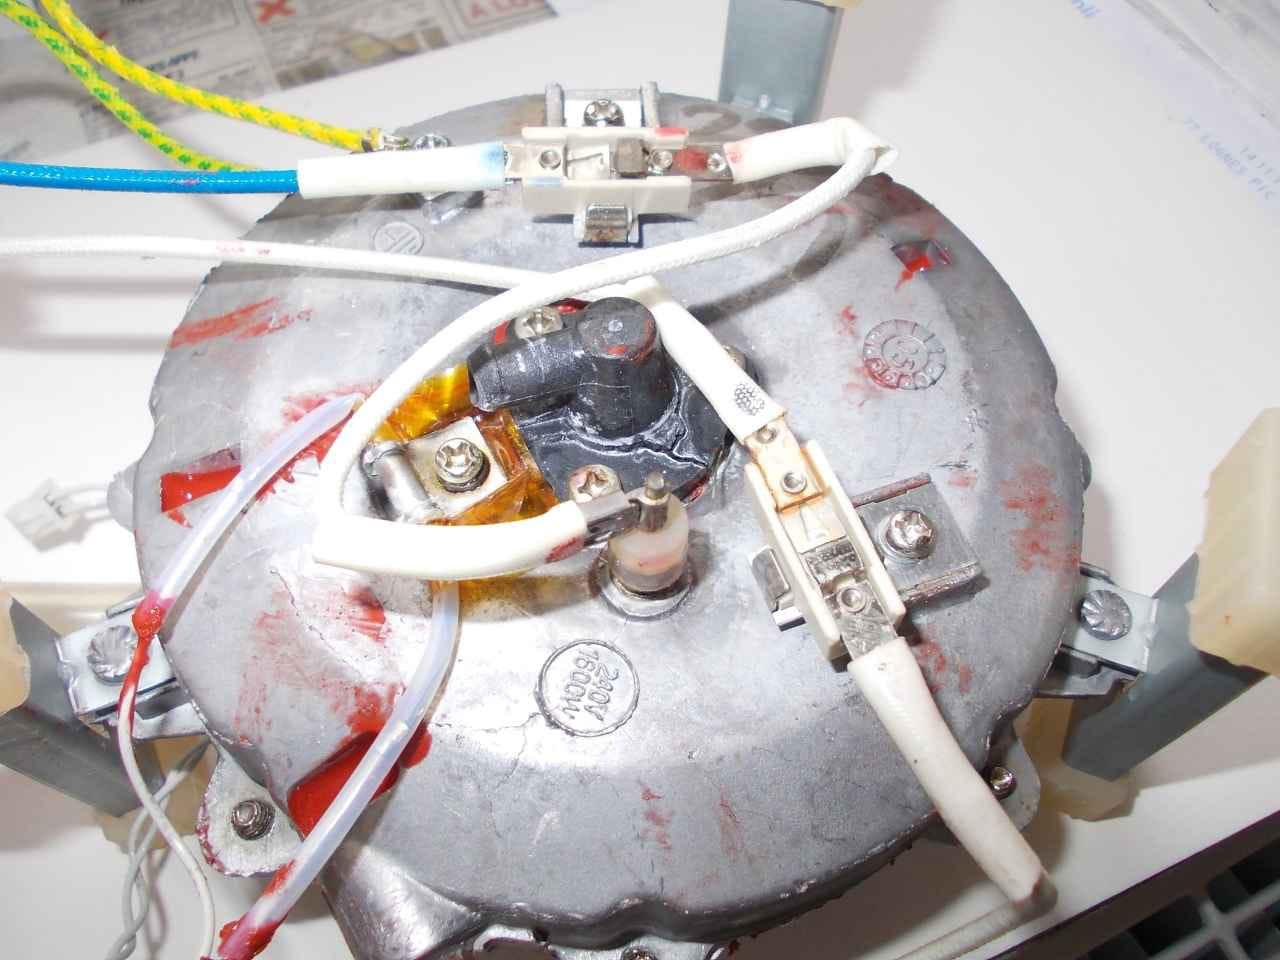 fuite centrale vapeur quigg 2200 05 r solu forum electrom nager. Black Bedroom Furniture Sets. Home Design Ideas